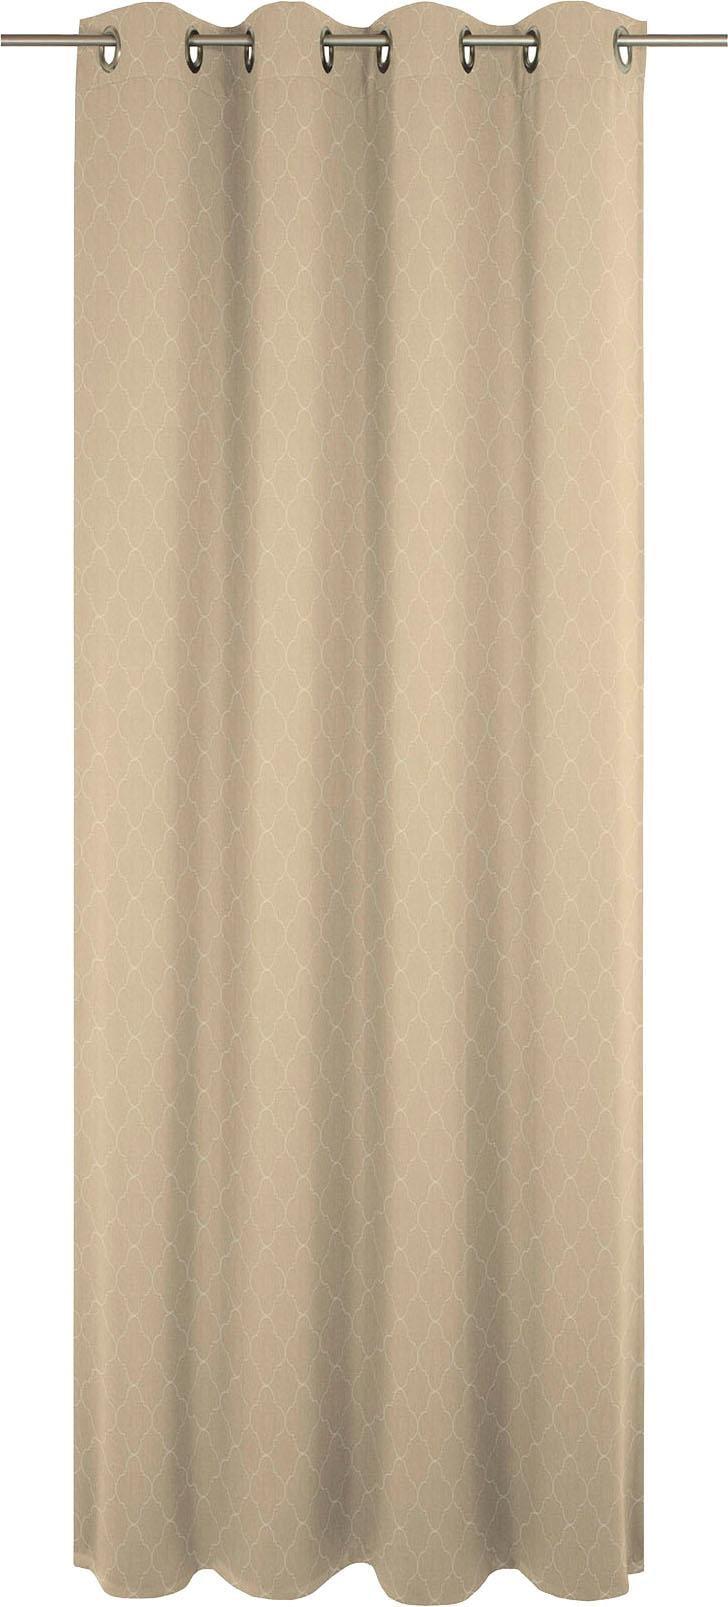 Vorhang, »Indian Cortezada Light«, Adam, Ösen 1 Stück | Heimtextilien | Natur | Baumwolle | ADAM